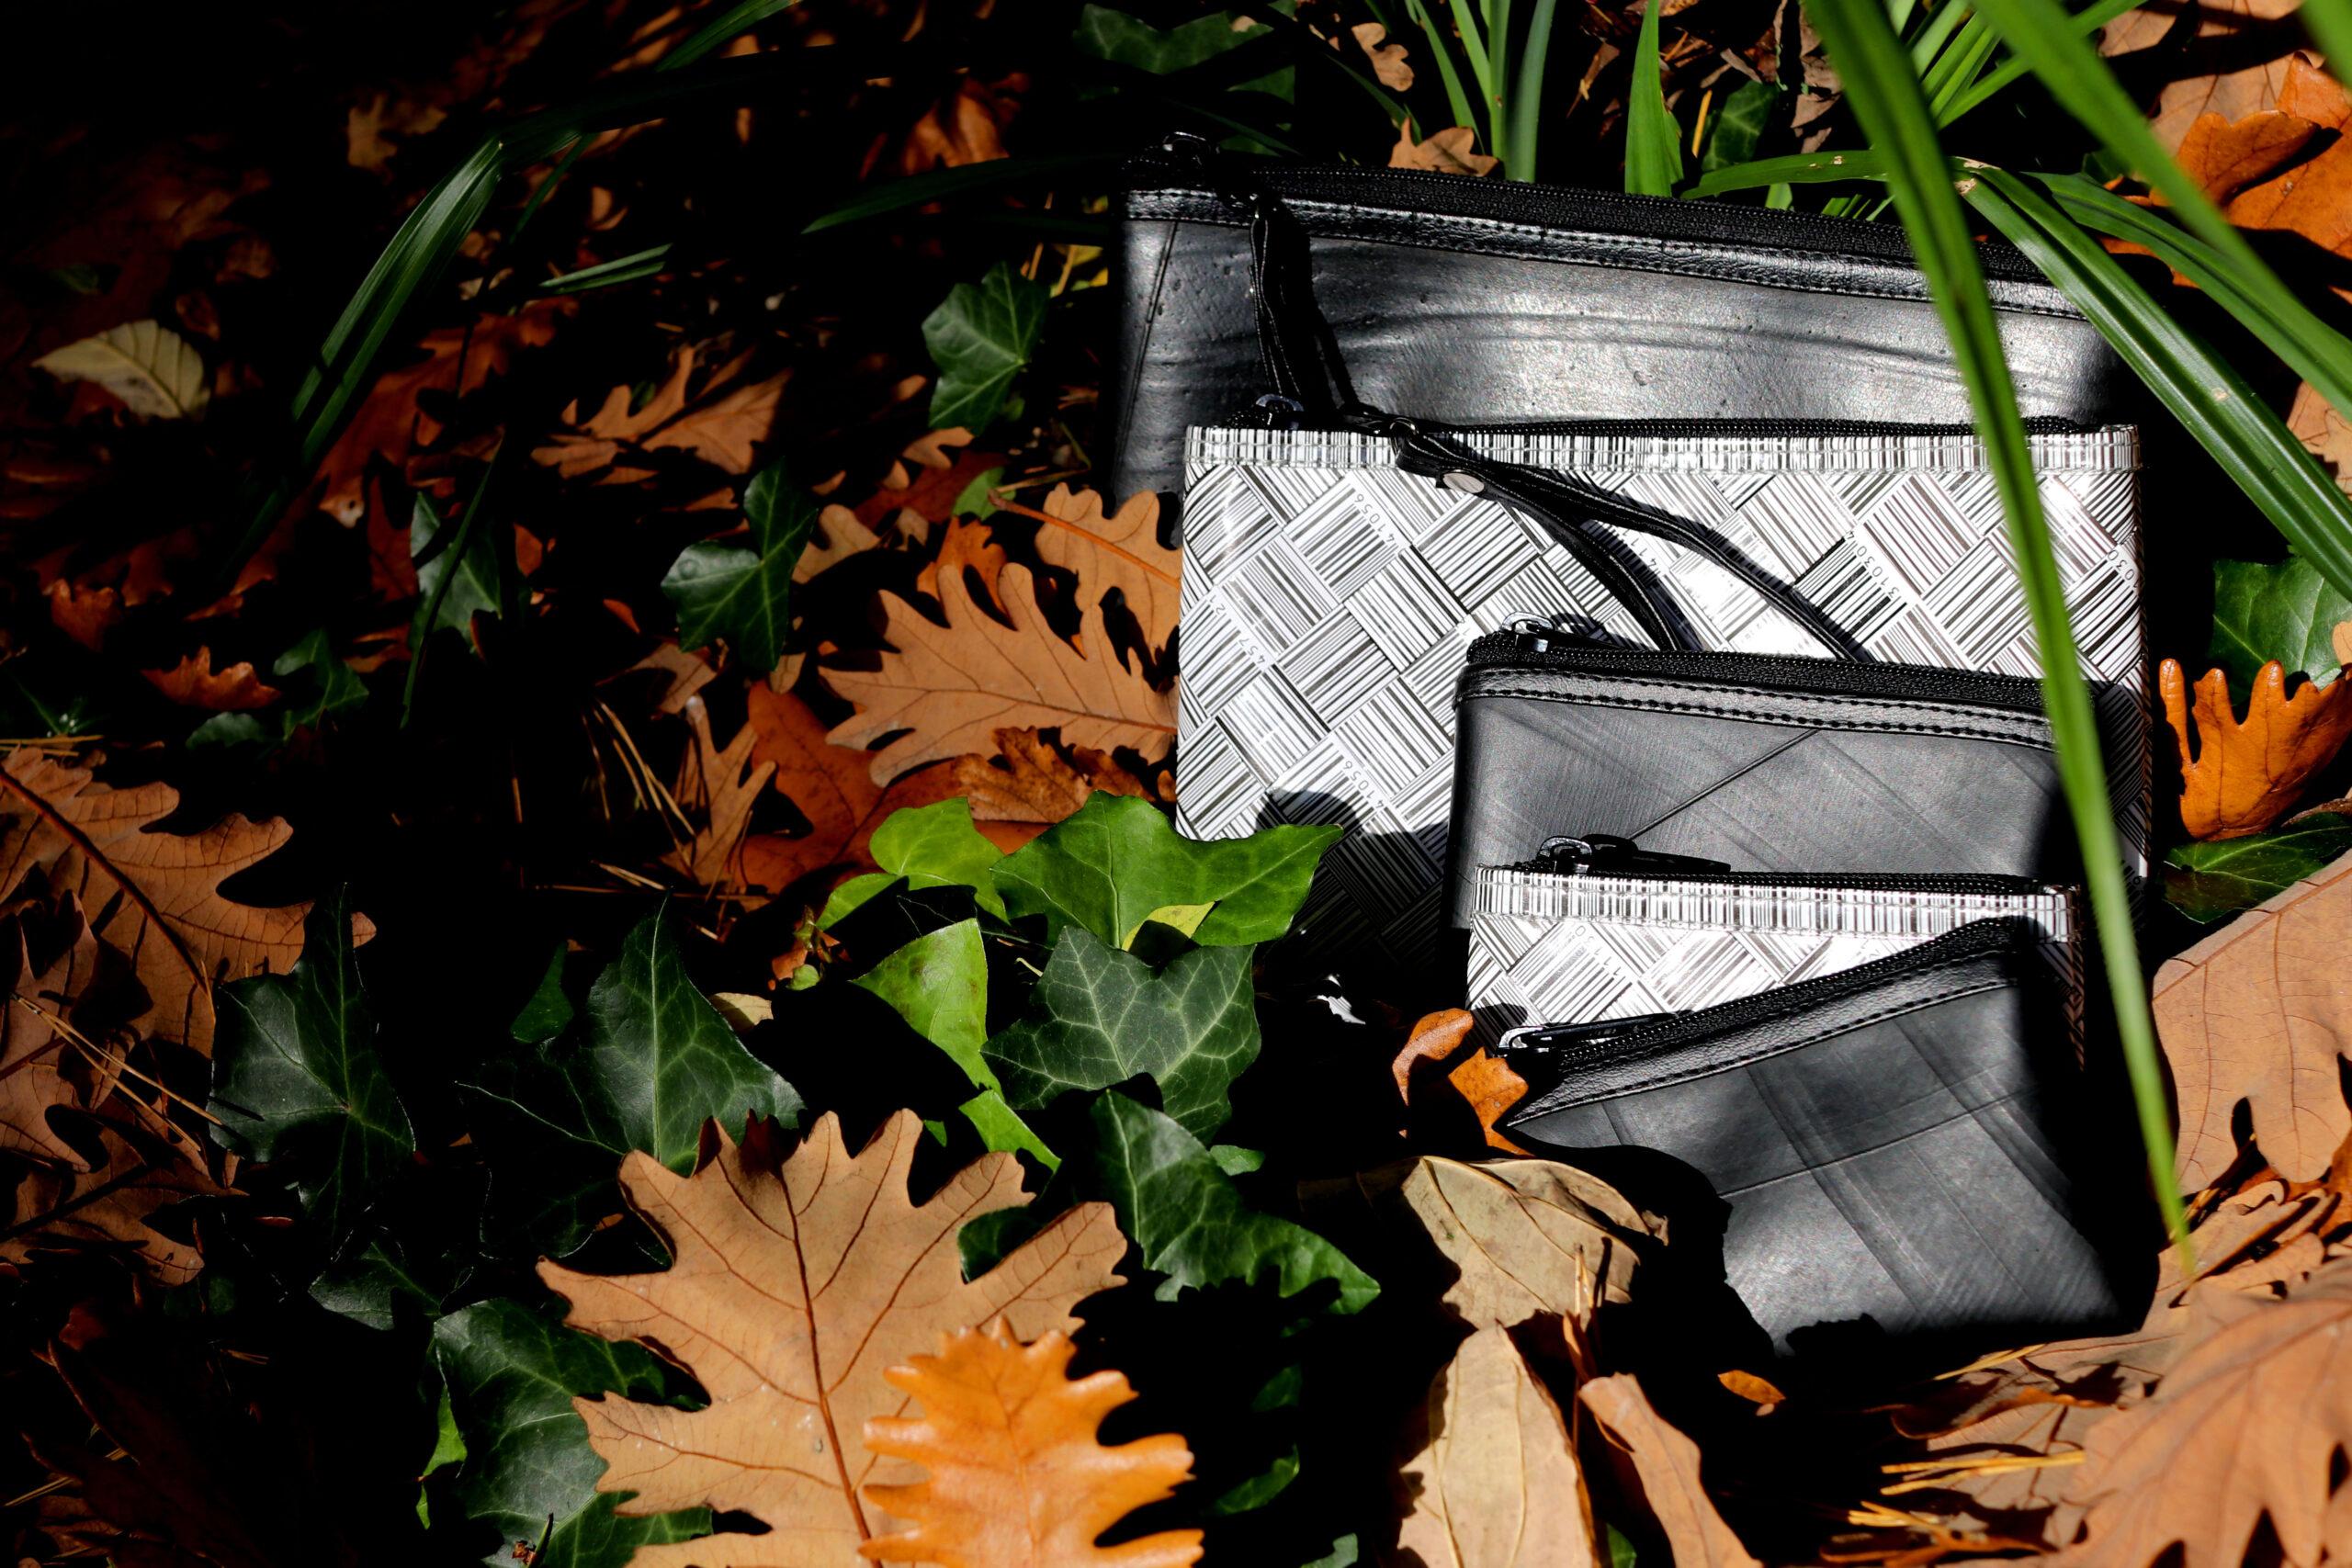 Titelbild Suksuma | vegane Taschen & Accessoires | Nachhaltigkeit | Vegan |Fairtrade